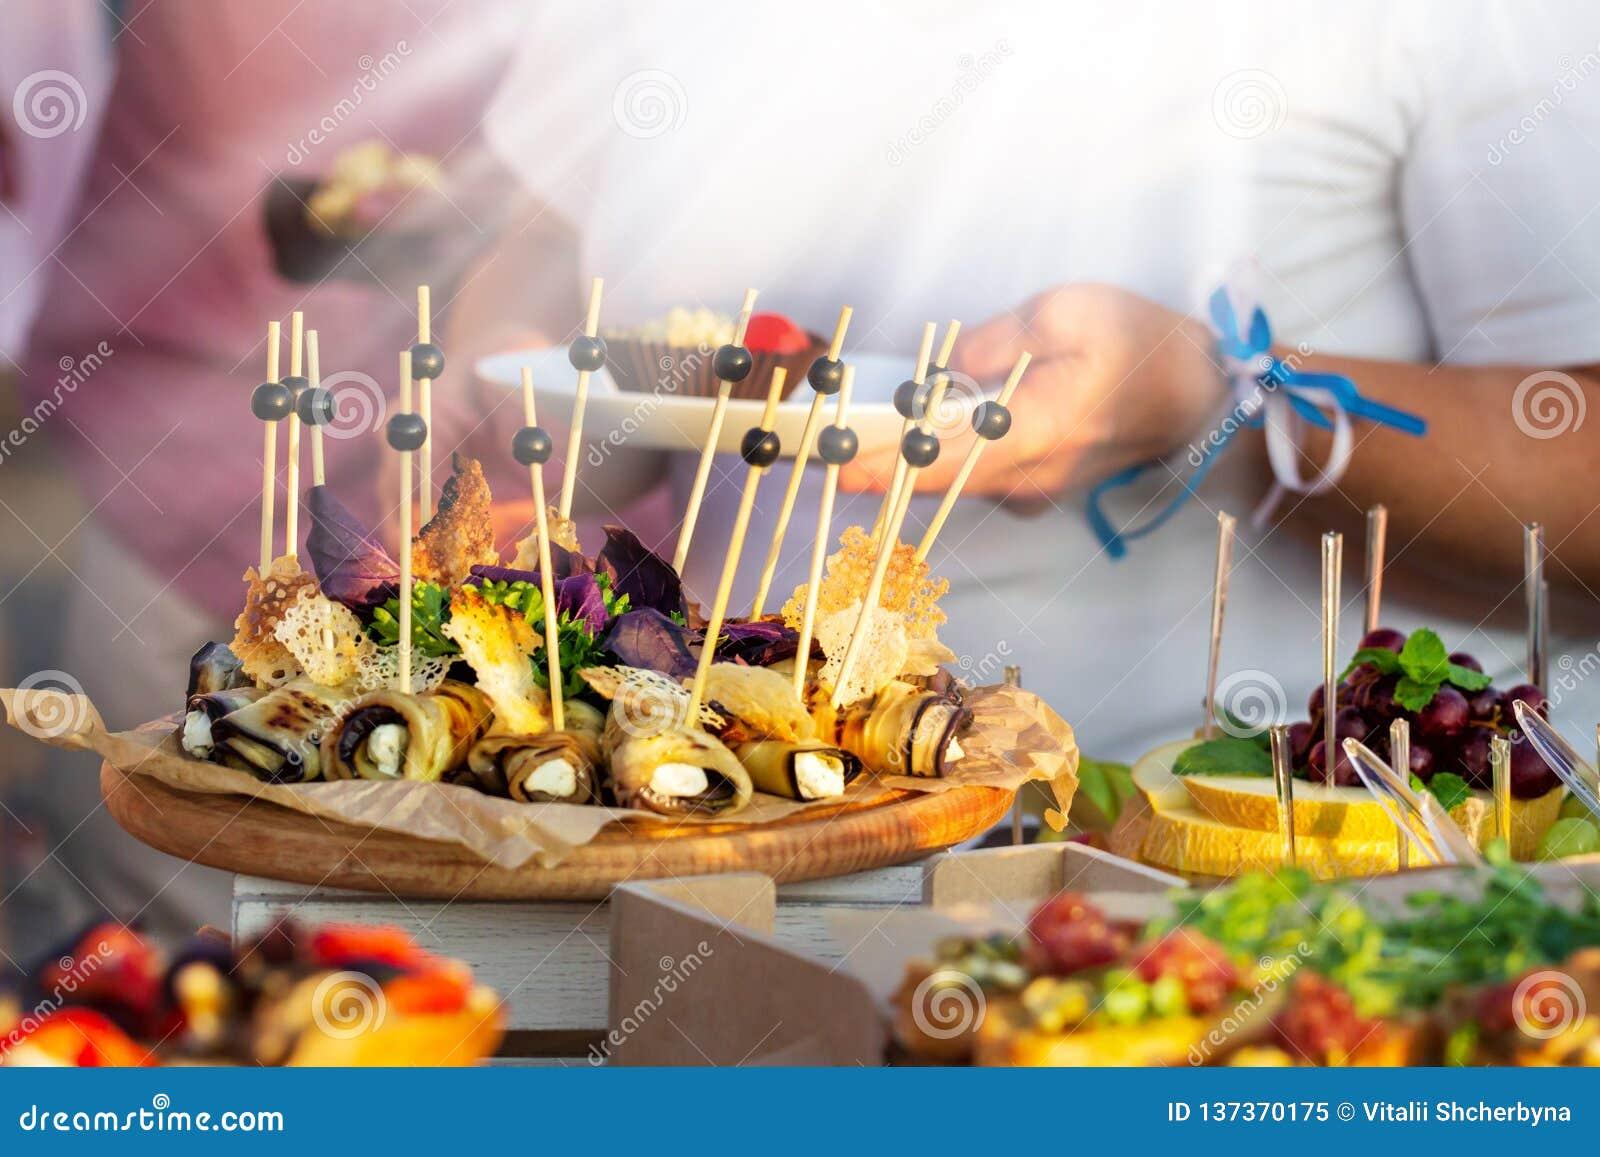 室外烹调烹饪自助餐晚餐承办酒席 人您能吃的所有的 用餐食物庆祝党概念